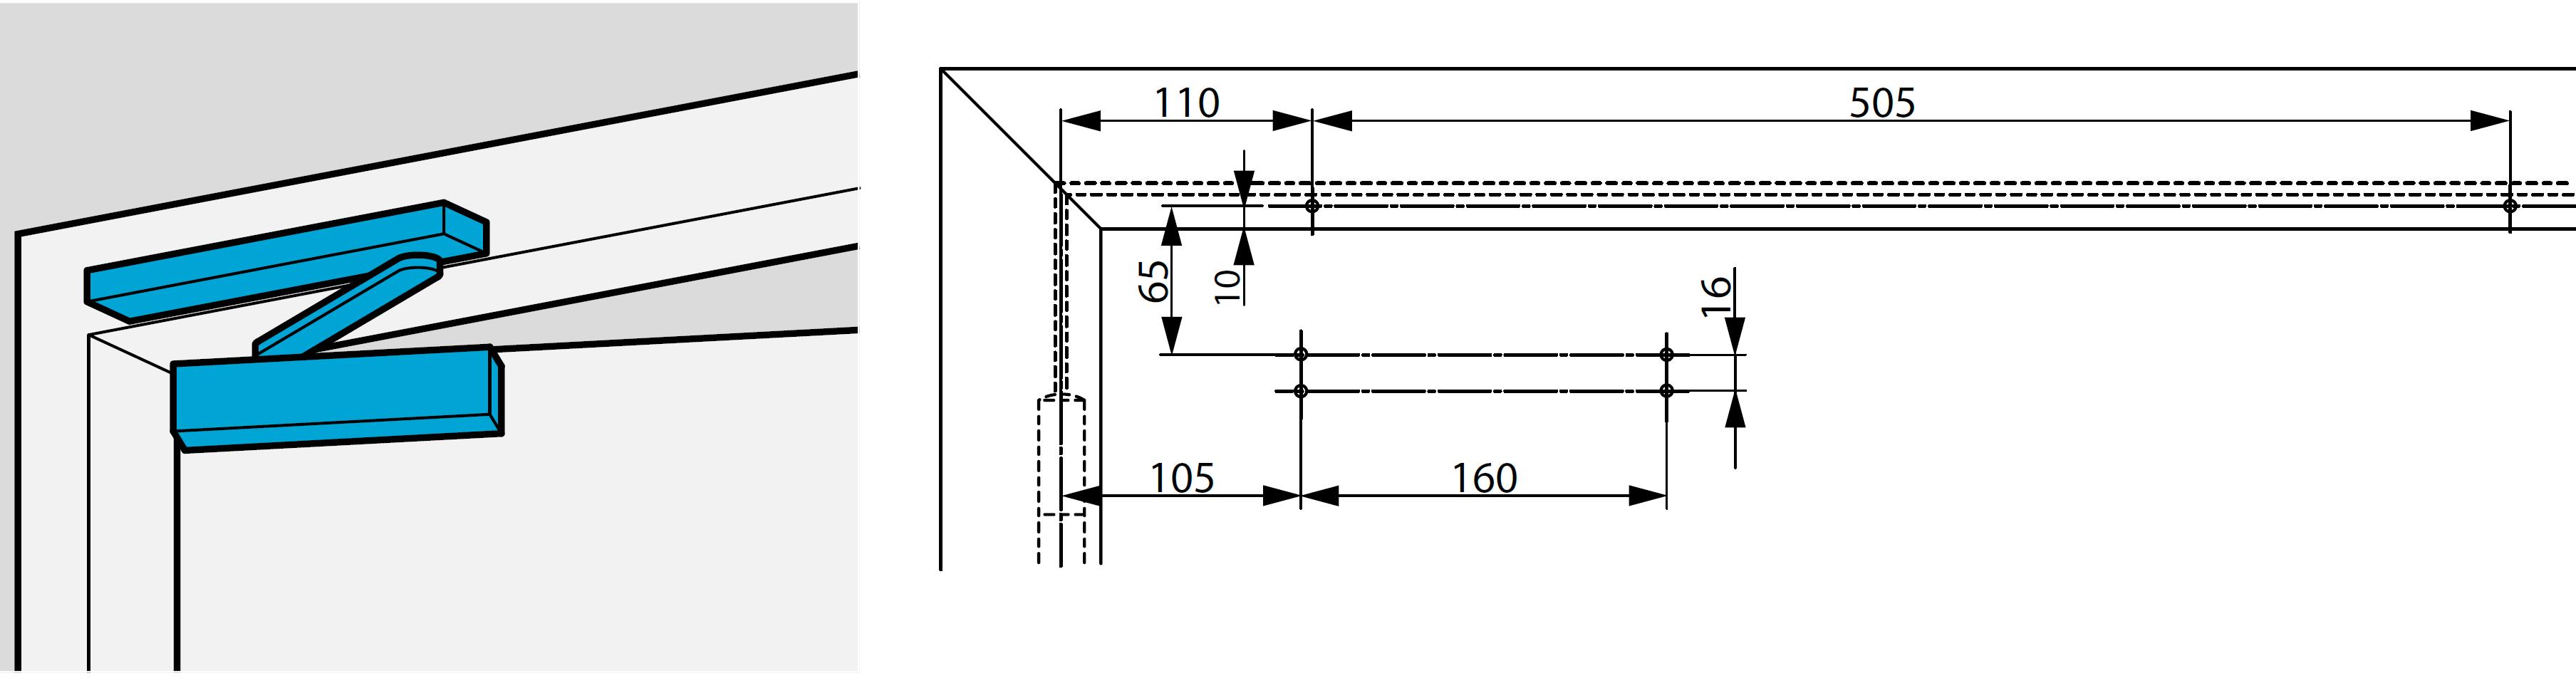 Монтажные размеры для стандартной установки с монтажной пластиной со стороны обратной петлям Для дверей, которые не позволяют выполнить прямой монтаж  На рисунке показана установка на правостороннюю дверь